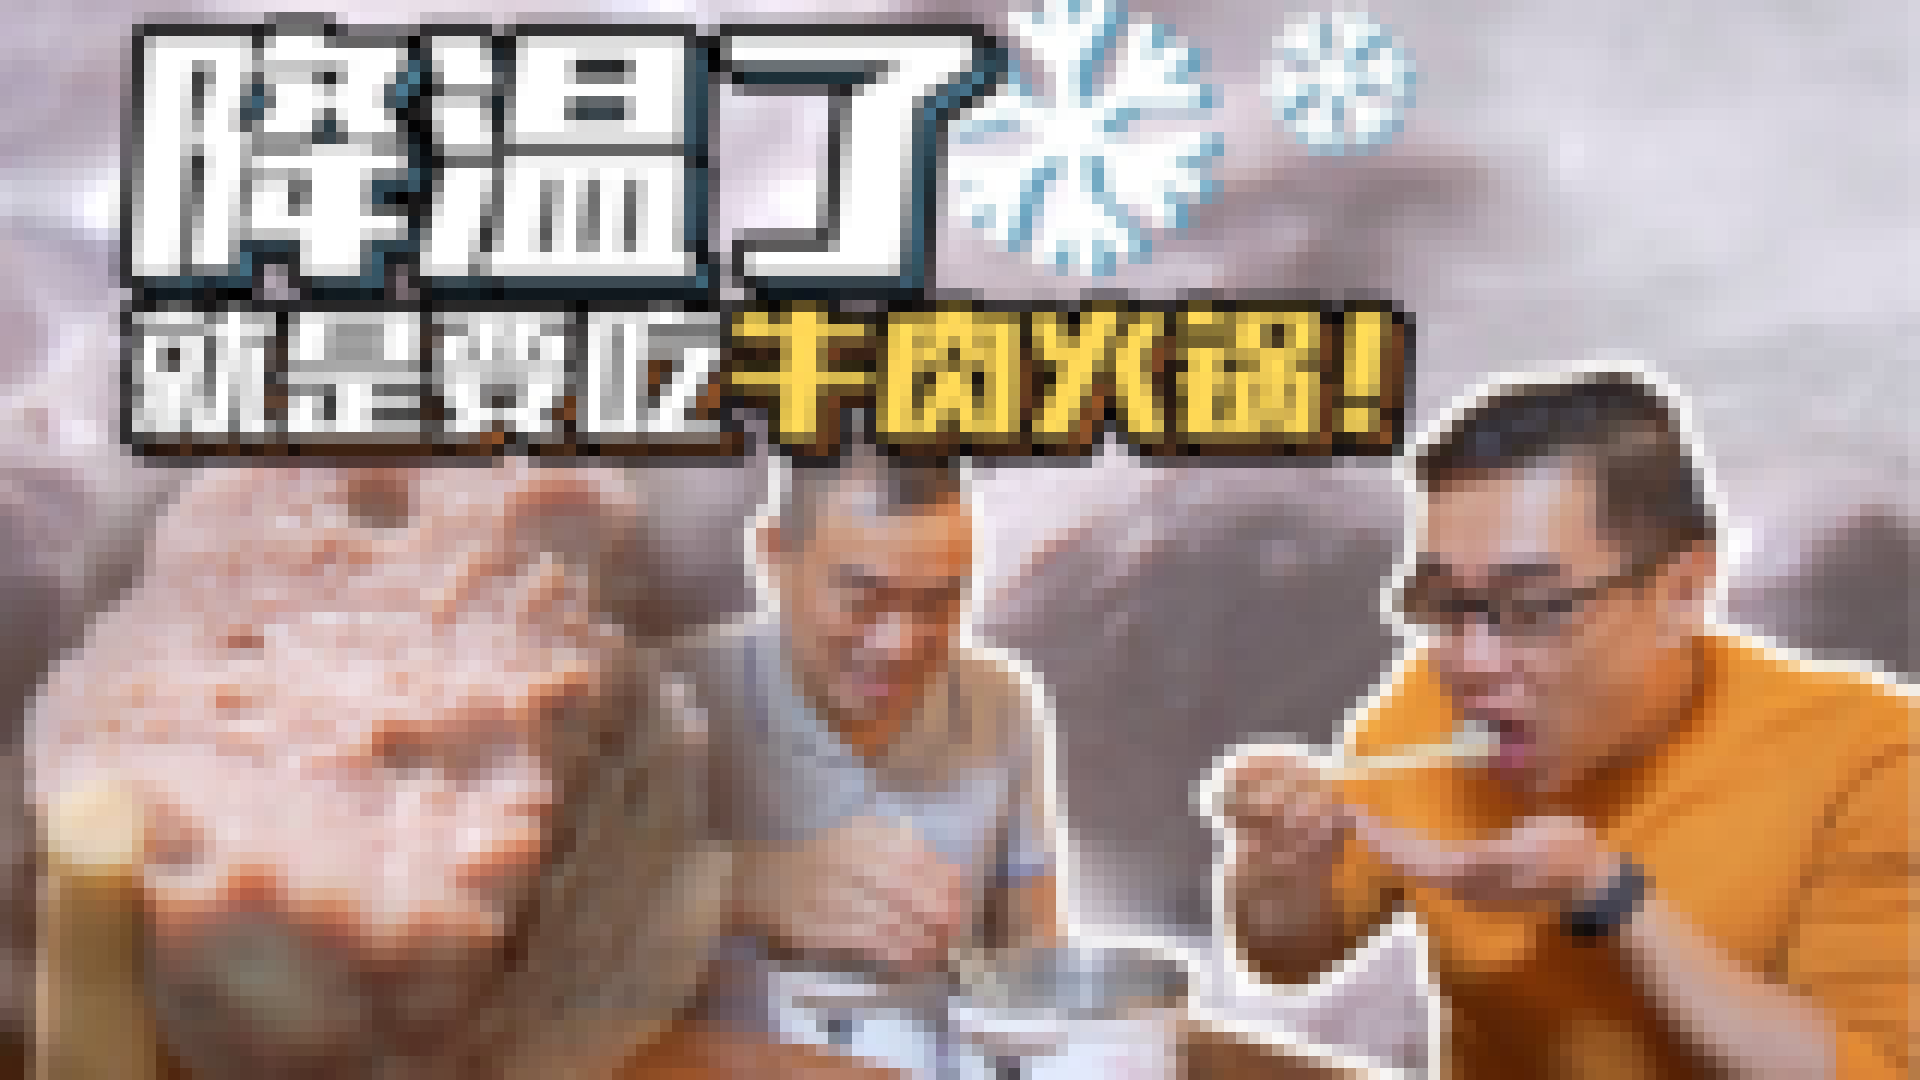 最近真的好h冻!火锅、牛肉丸什么的必须安排上了!